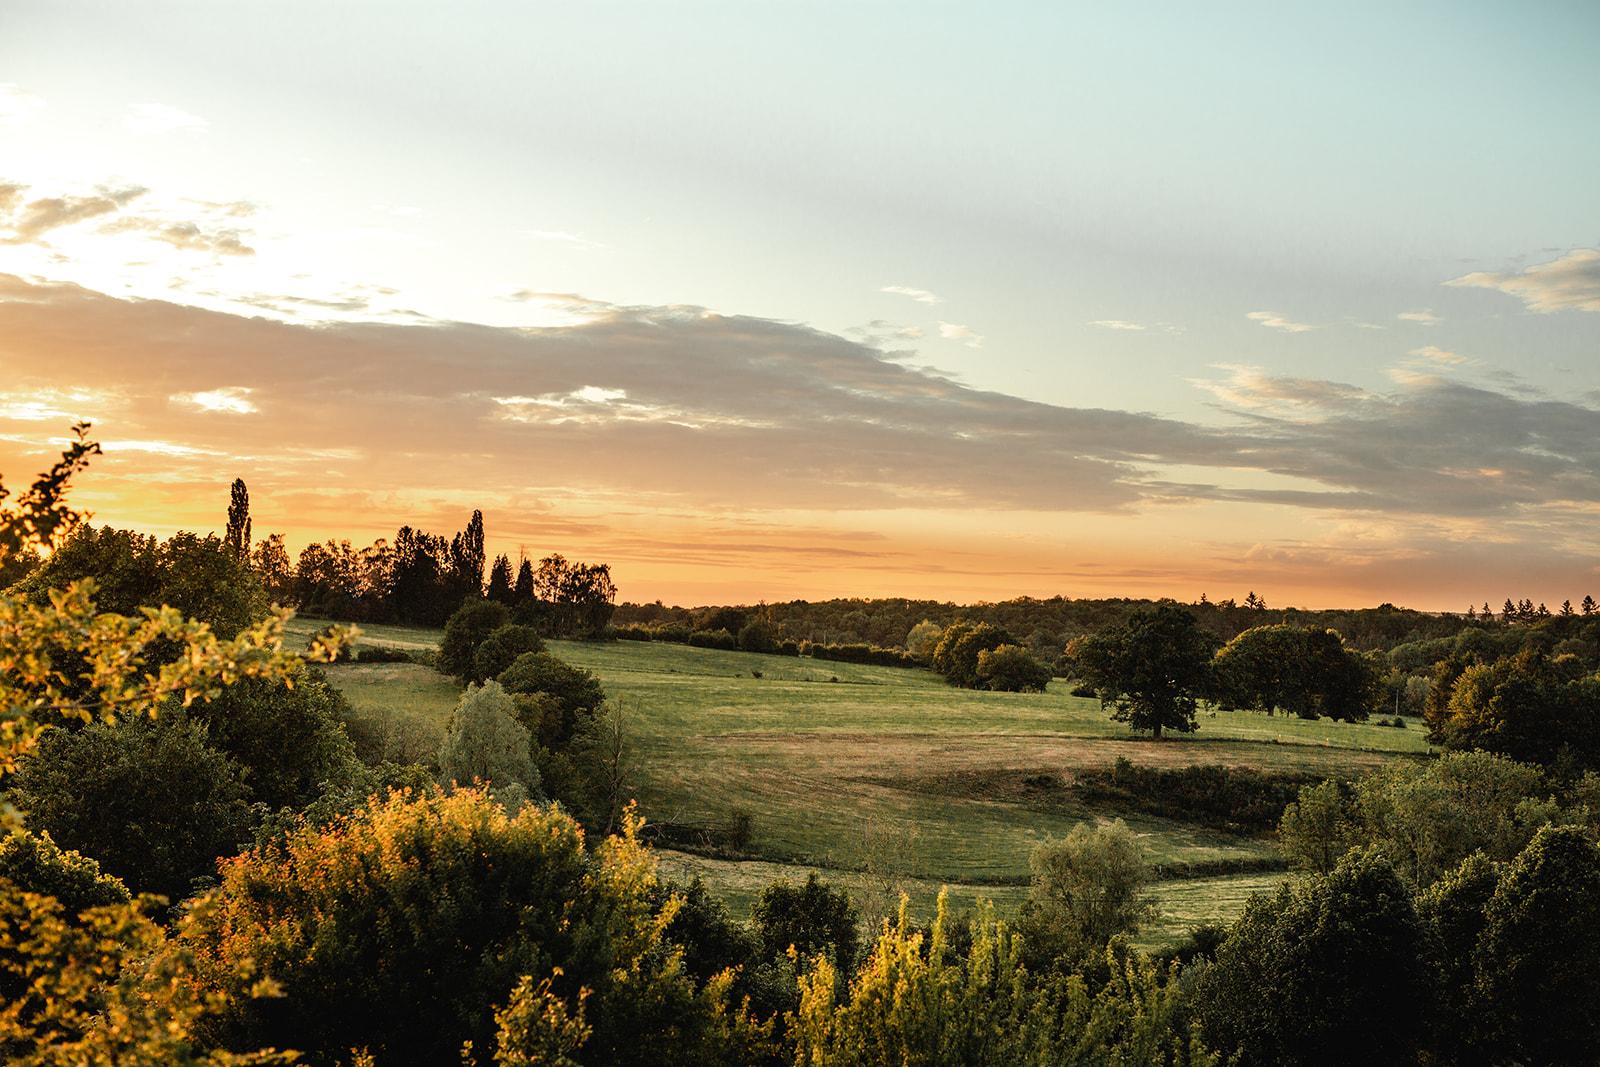 Photo d'un champ entouré d'arbres avec un coucher de soleil